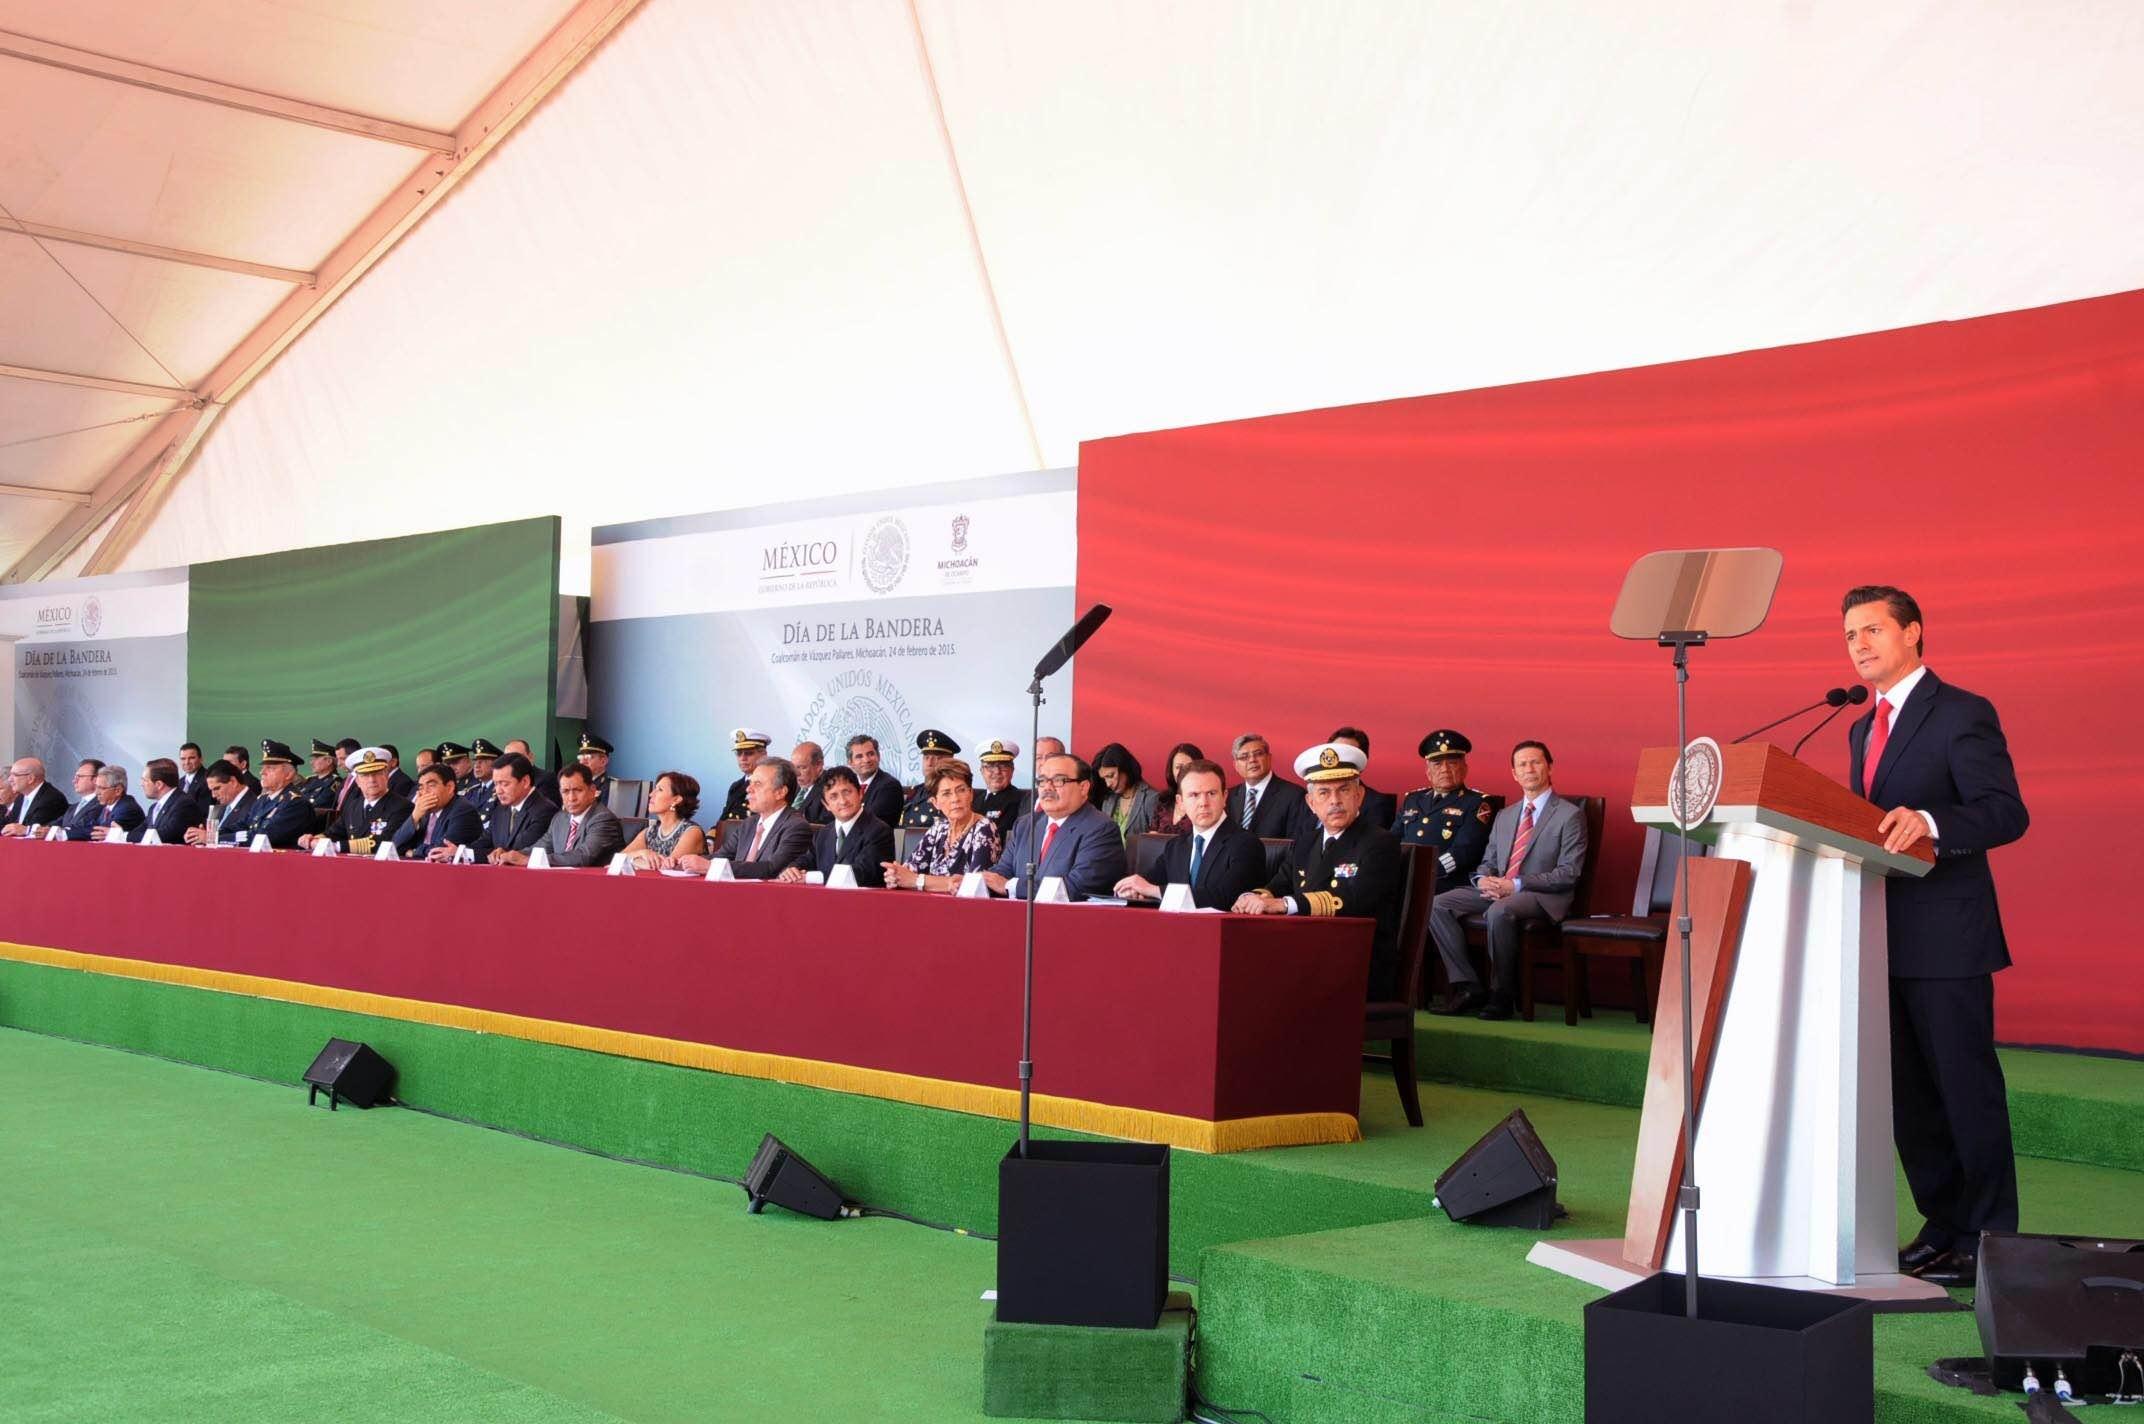 En la gráfica, el Presidente Enrique Peña Nieto, inaugura las Instalaciones del 65/o. Batallón de Infantería en Coalcomán, Michoacán.